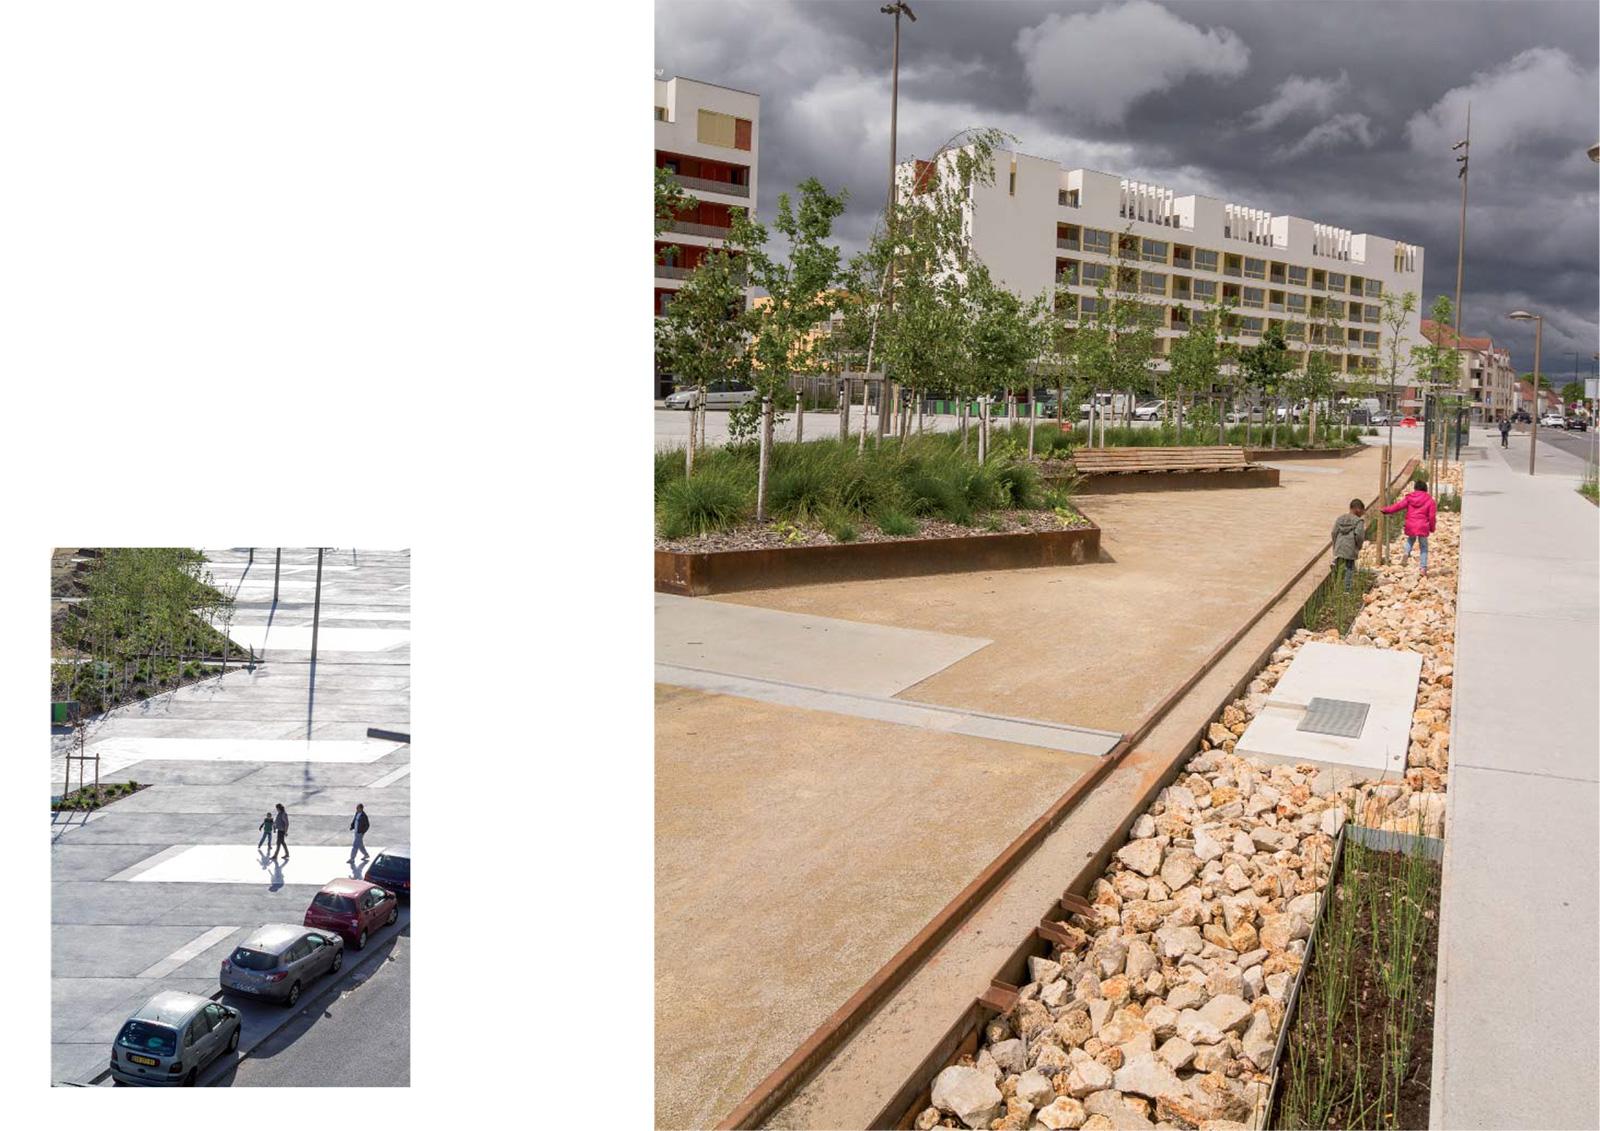 5-germe-et-jam-bretigny-clause-bois-badeau-projet-urbain--place